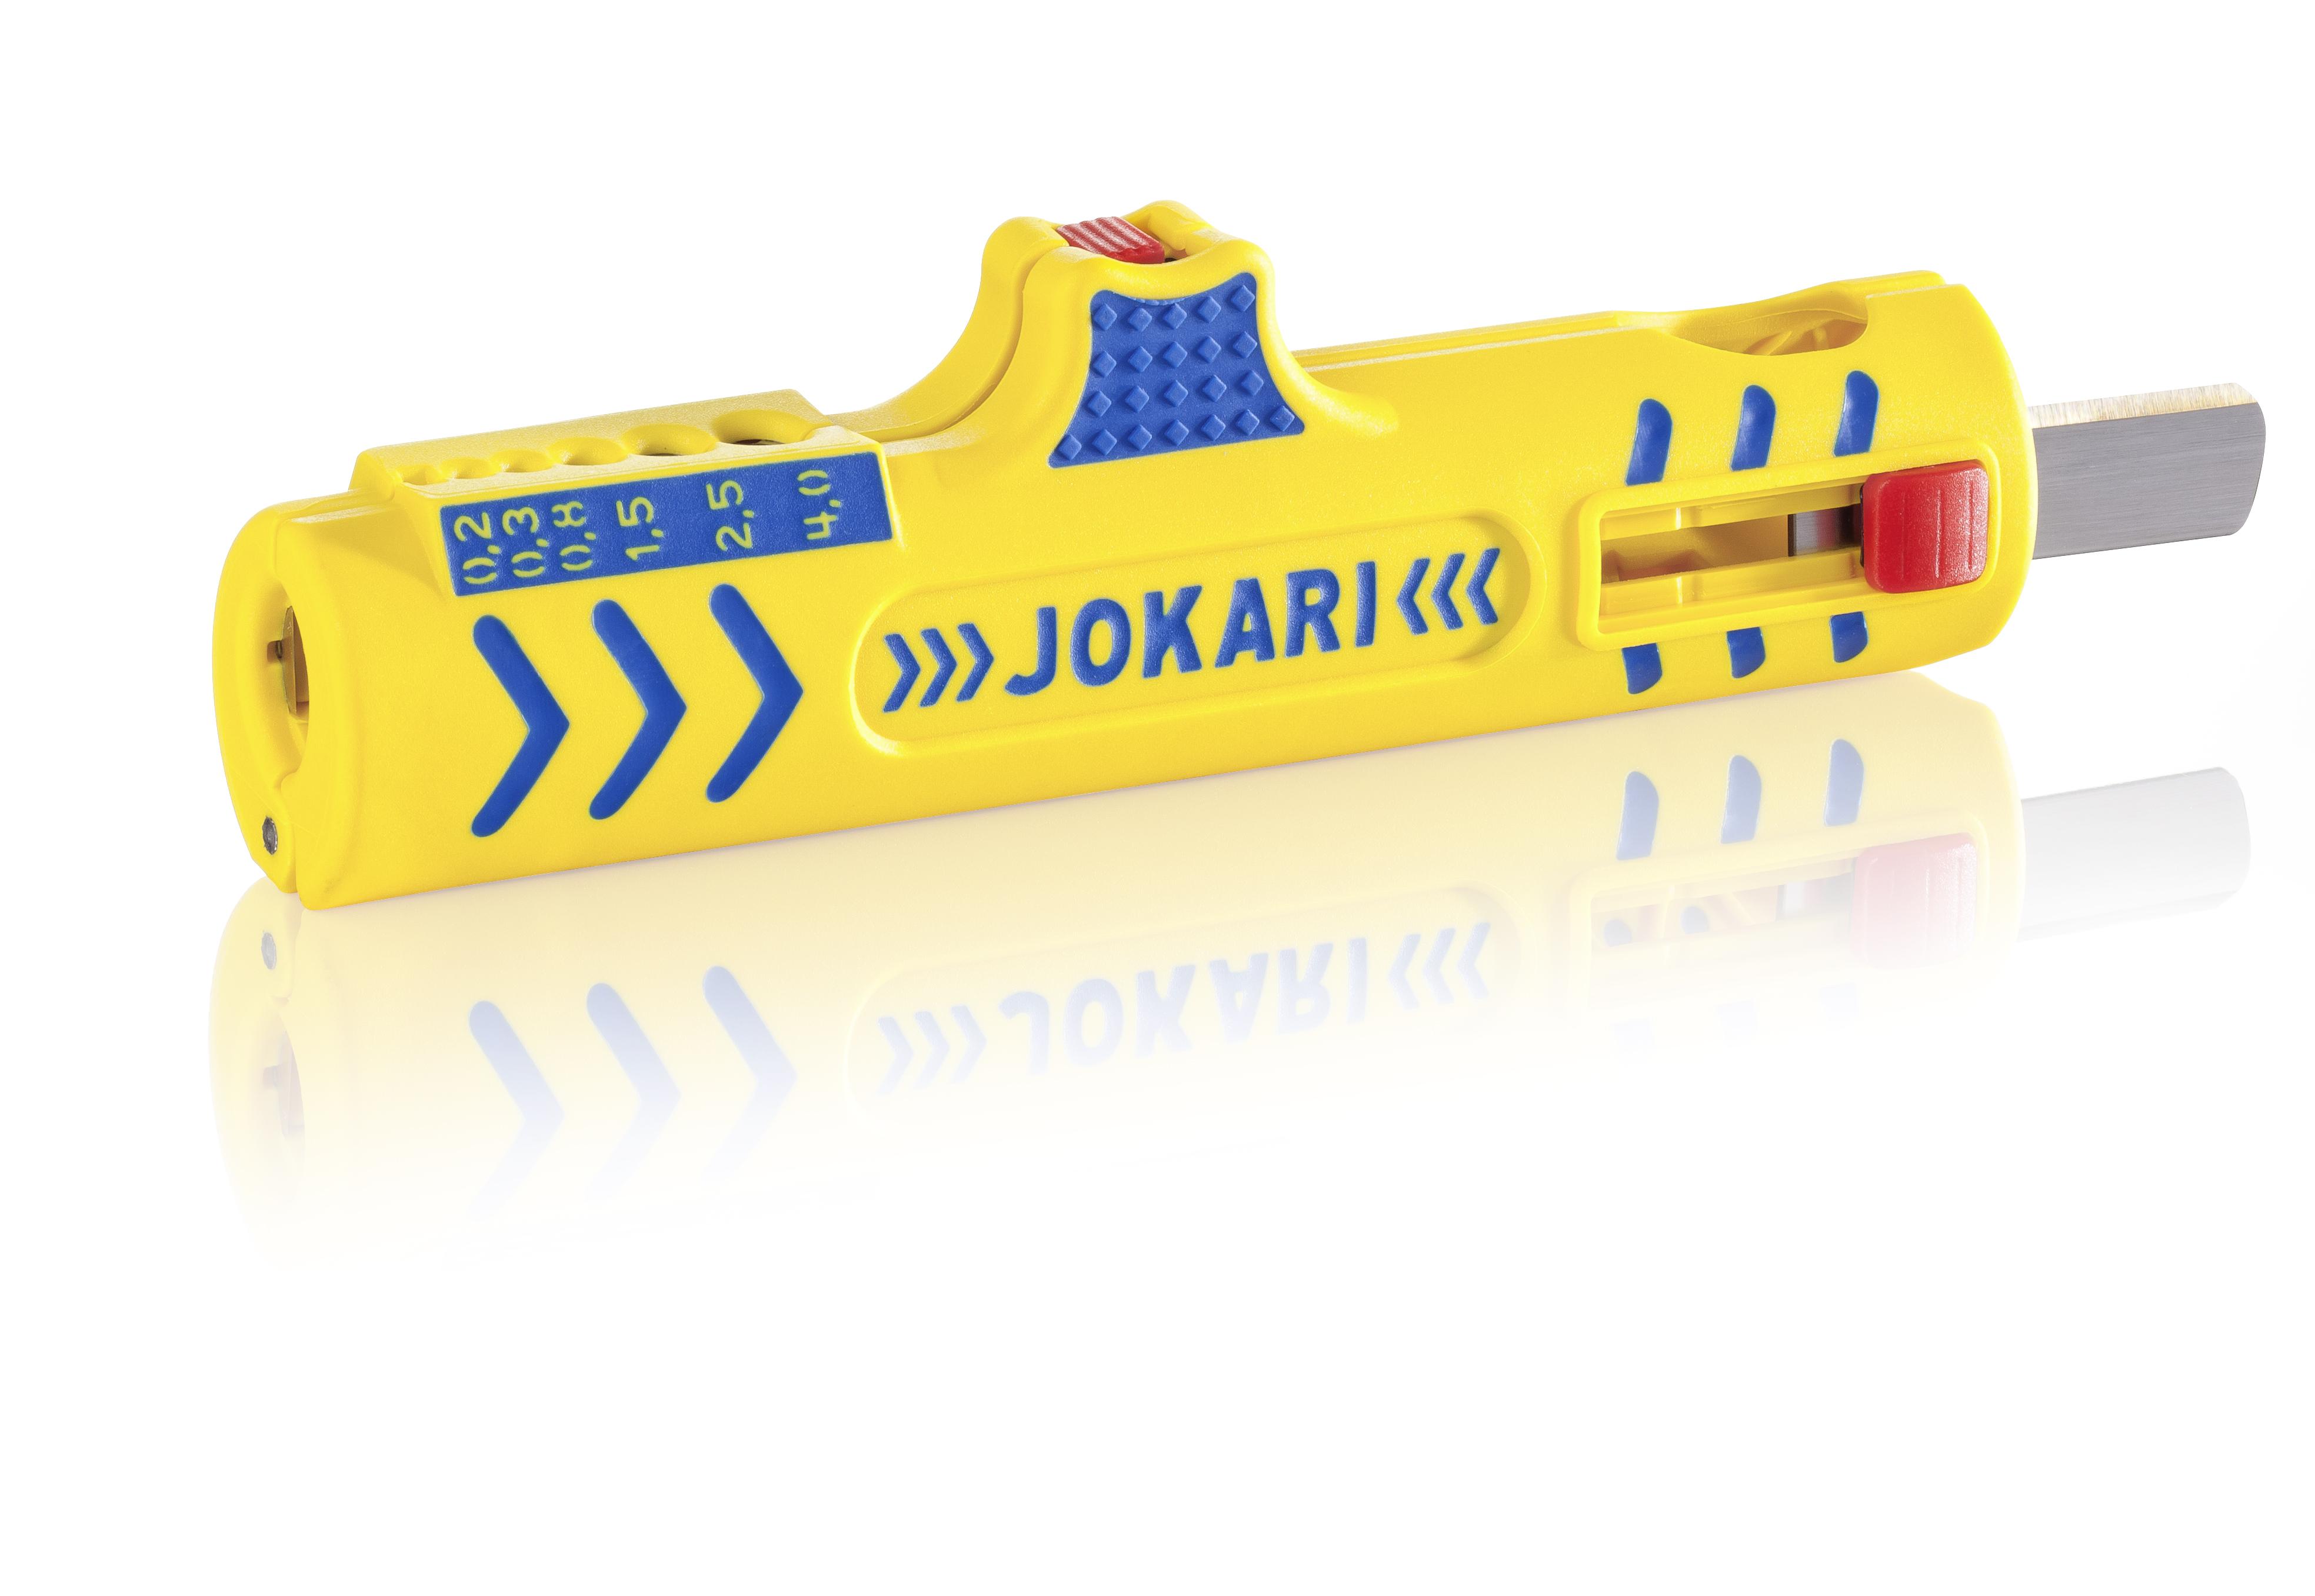 Ściągacz uniwersalny JOKARI dla wszystkich standardowych kabli izolowanych o okrągłym przekroju,